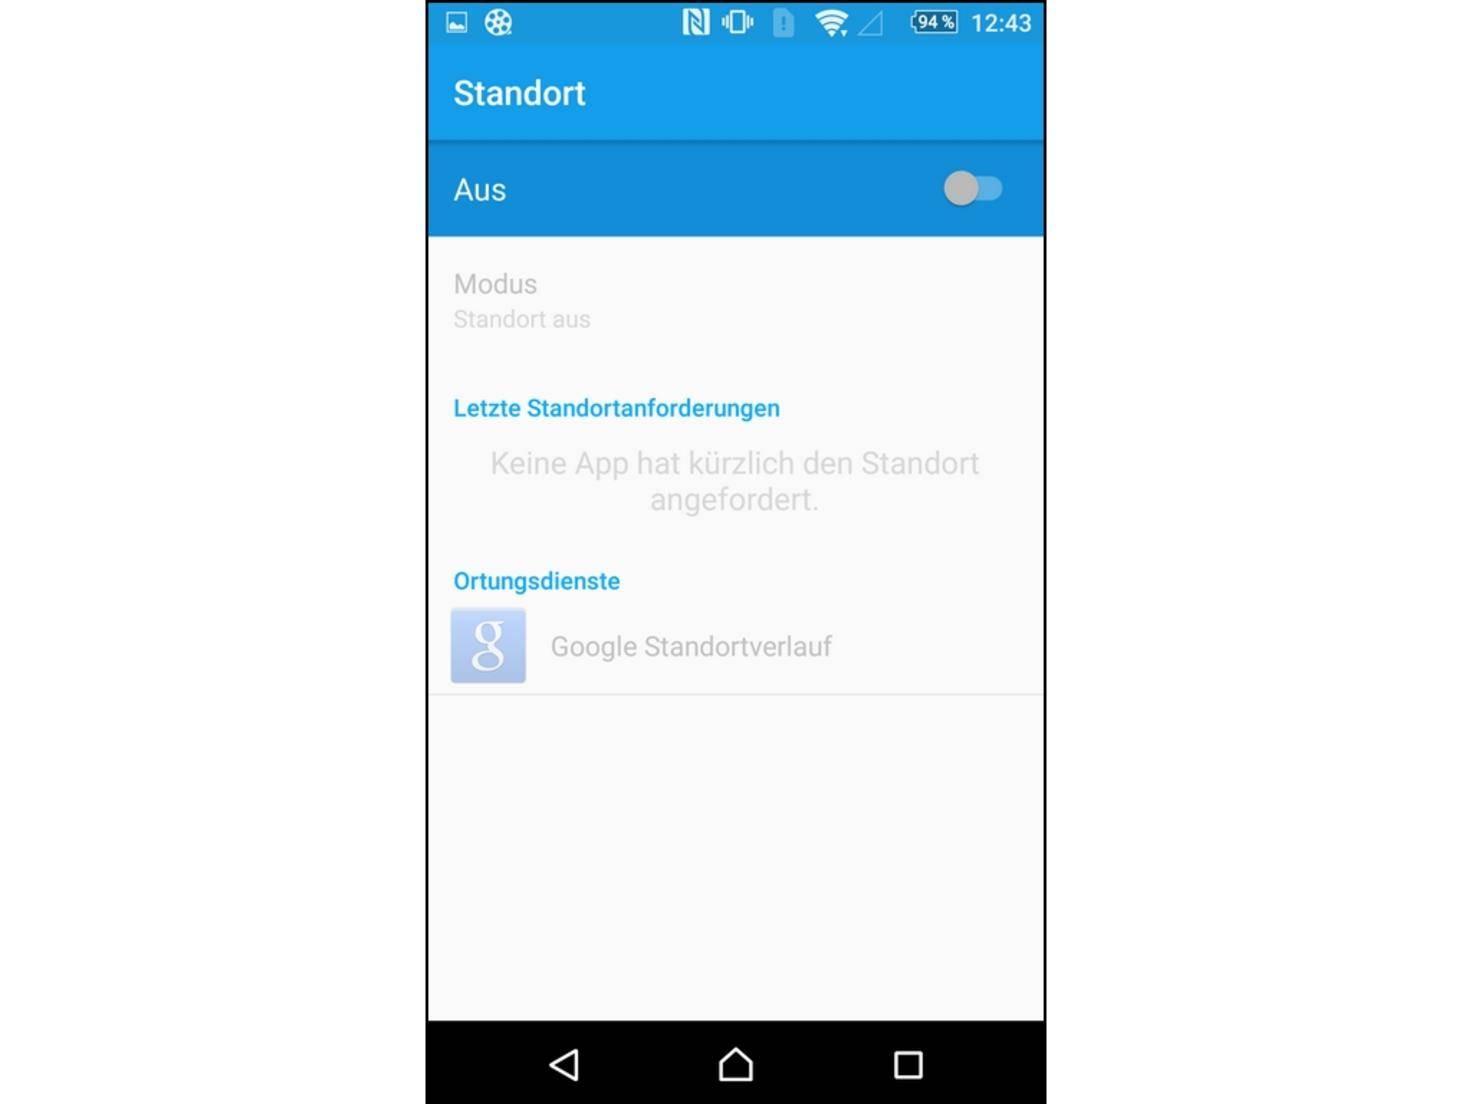 Android_Google_Standortdienste